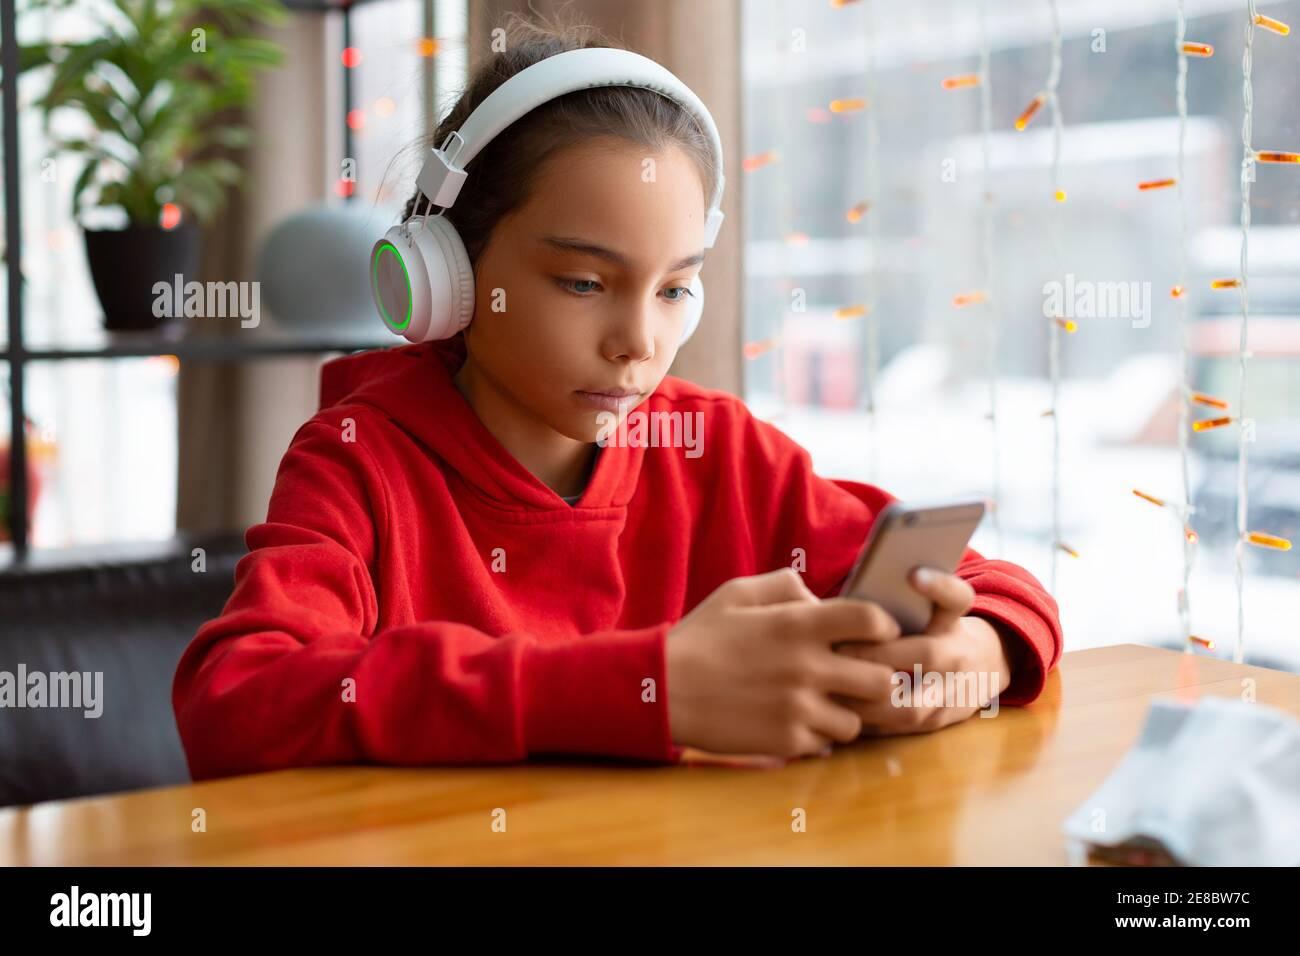 Photo d'une adolescente dans un casque blanc lors de discussions en ligne avec des amis. Concept de technologie moderne. Banque D'Images